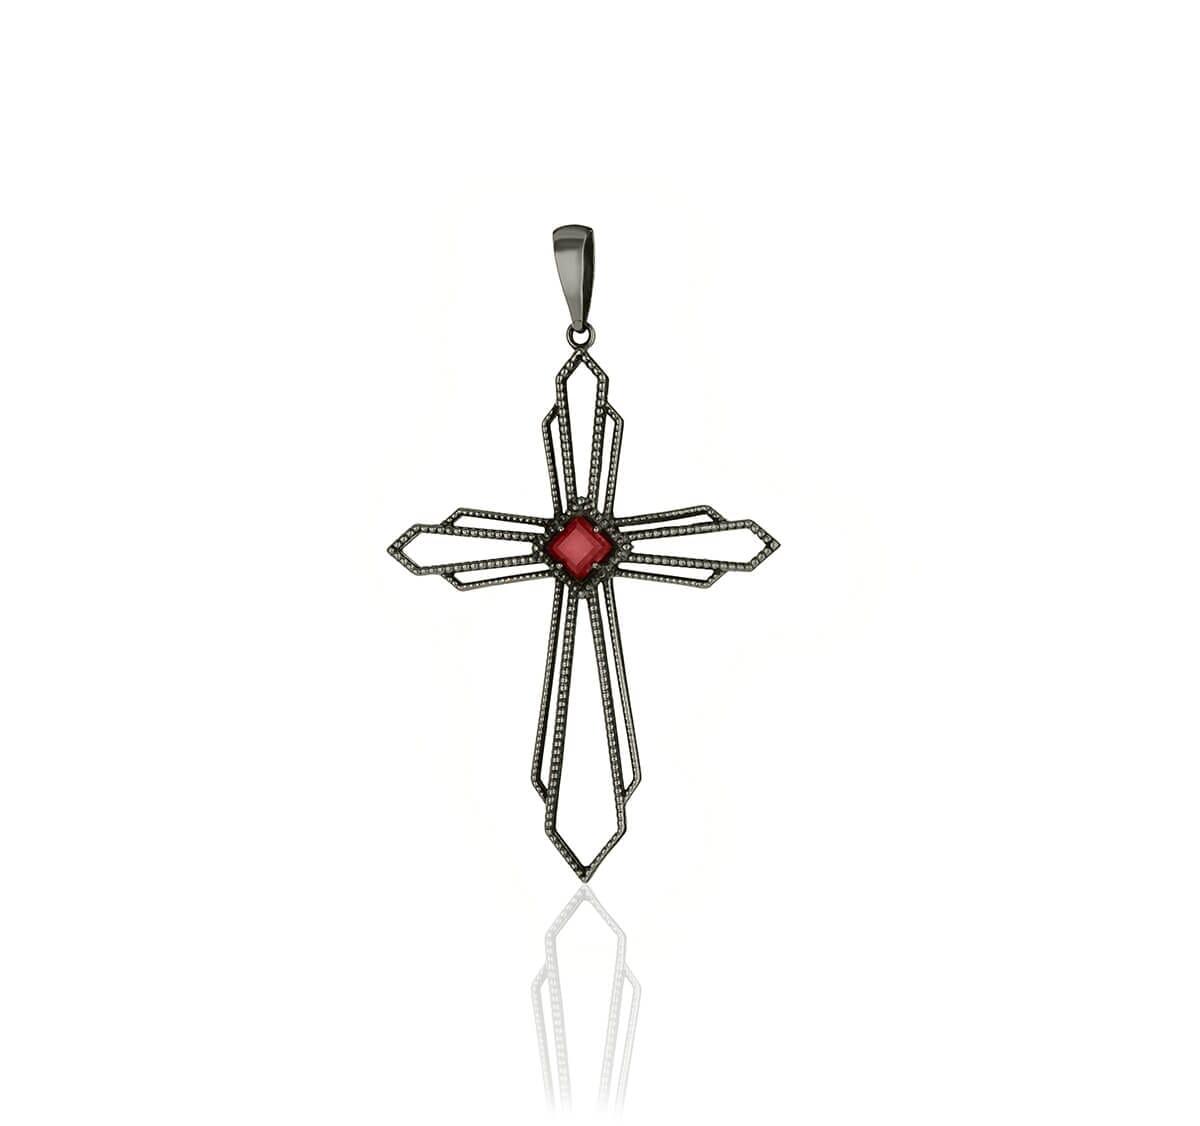 Pingente Cruz de Prata envelhecida com pedra vermelha